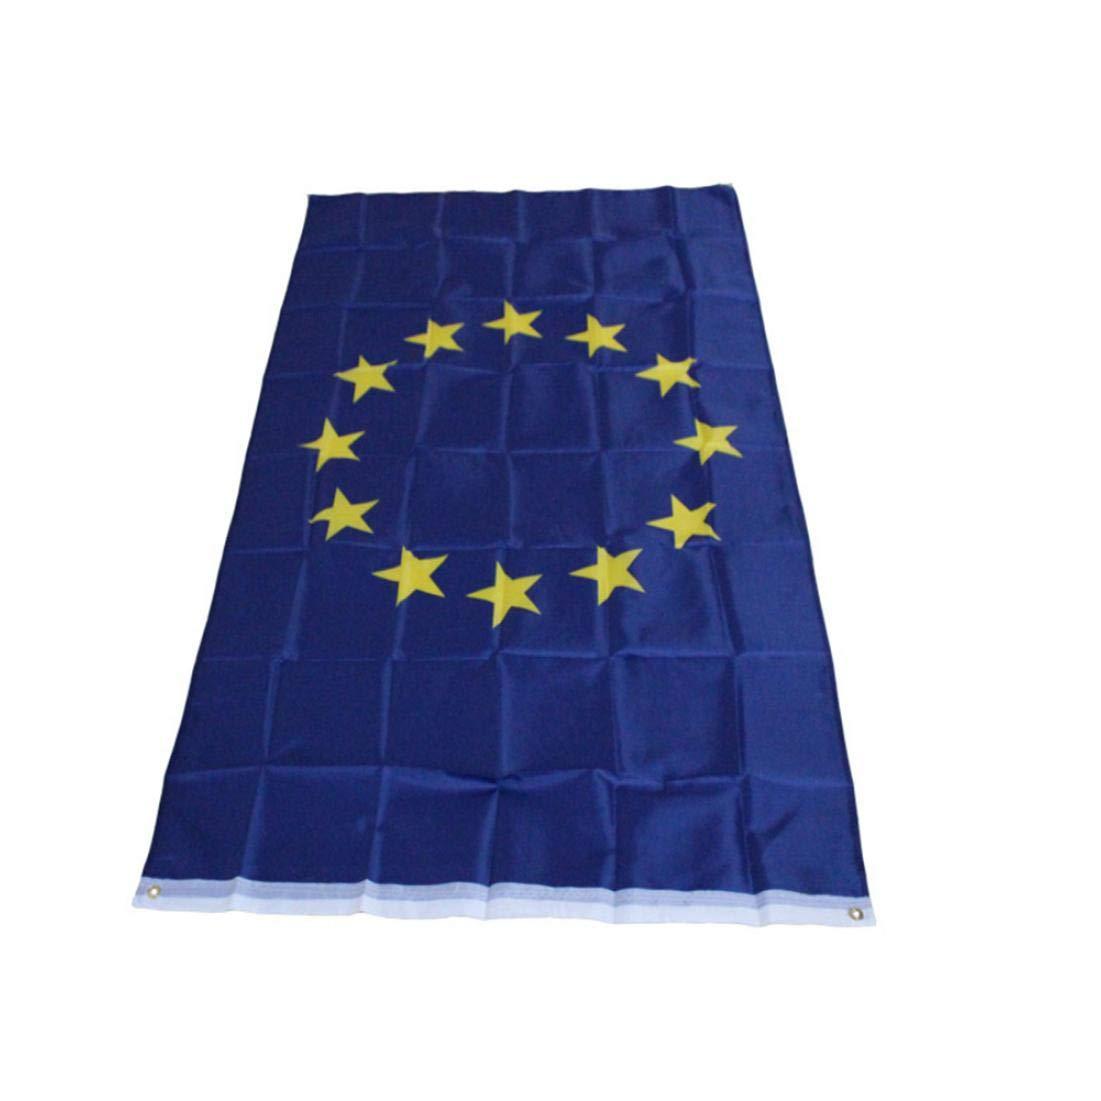 Pollici 35.4x59 Grande Grande Bandiera Della Scozia National Flag Stampato In Poliestere Flag Con Ottone Occhiello Scozia